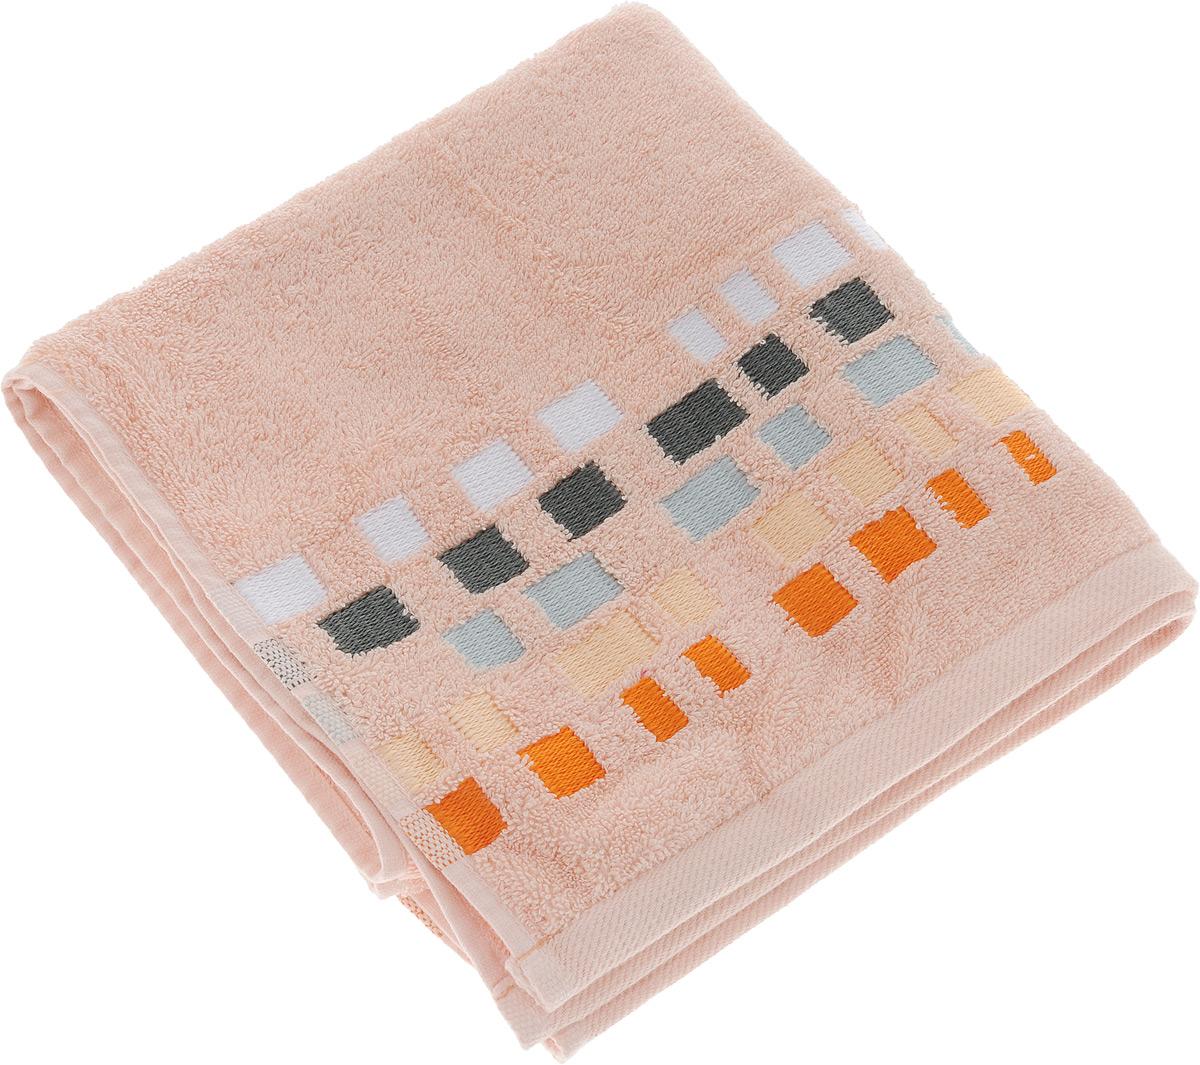 Полотенце махровое Toalla Милан, цвет: персиковый, 50 x 90 см9121805Полотенце махровое Toalla Милан выполнено из 100% натурального египетского хлопка. Бордюр изделия оформлен оригинальной вышивкой. Ткань полотенца обладает высокой плотностью и мягкостью, отличается высоким качеством и длительным сроком службы. В процессе эксплуатации материал становится только мягче и приятнее на ощупь. Египетский хлопок не содержит линта (хлопковый пух), поэтому на ткани не образуются катышки даже после многократных стирок и длительного использования. Сверхдлинные волокна придают ткани характерный красивый блеск. Полотенце отлично впитывает влагу и быстро сохнет. Такое полотенце красиво дополнит интерьер ванной комнаты и станет практичным приобретением.